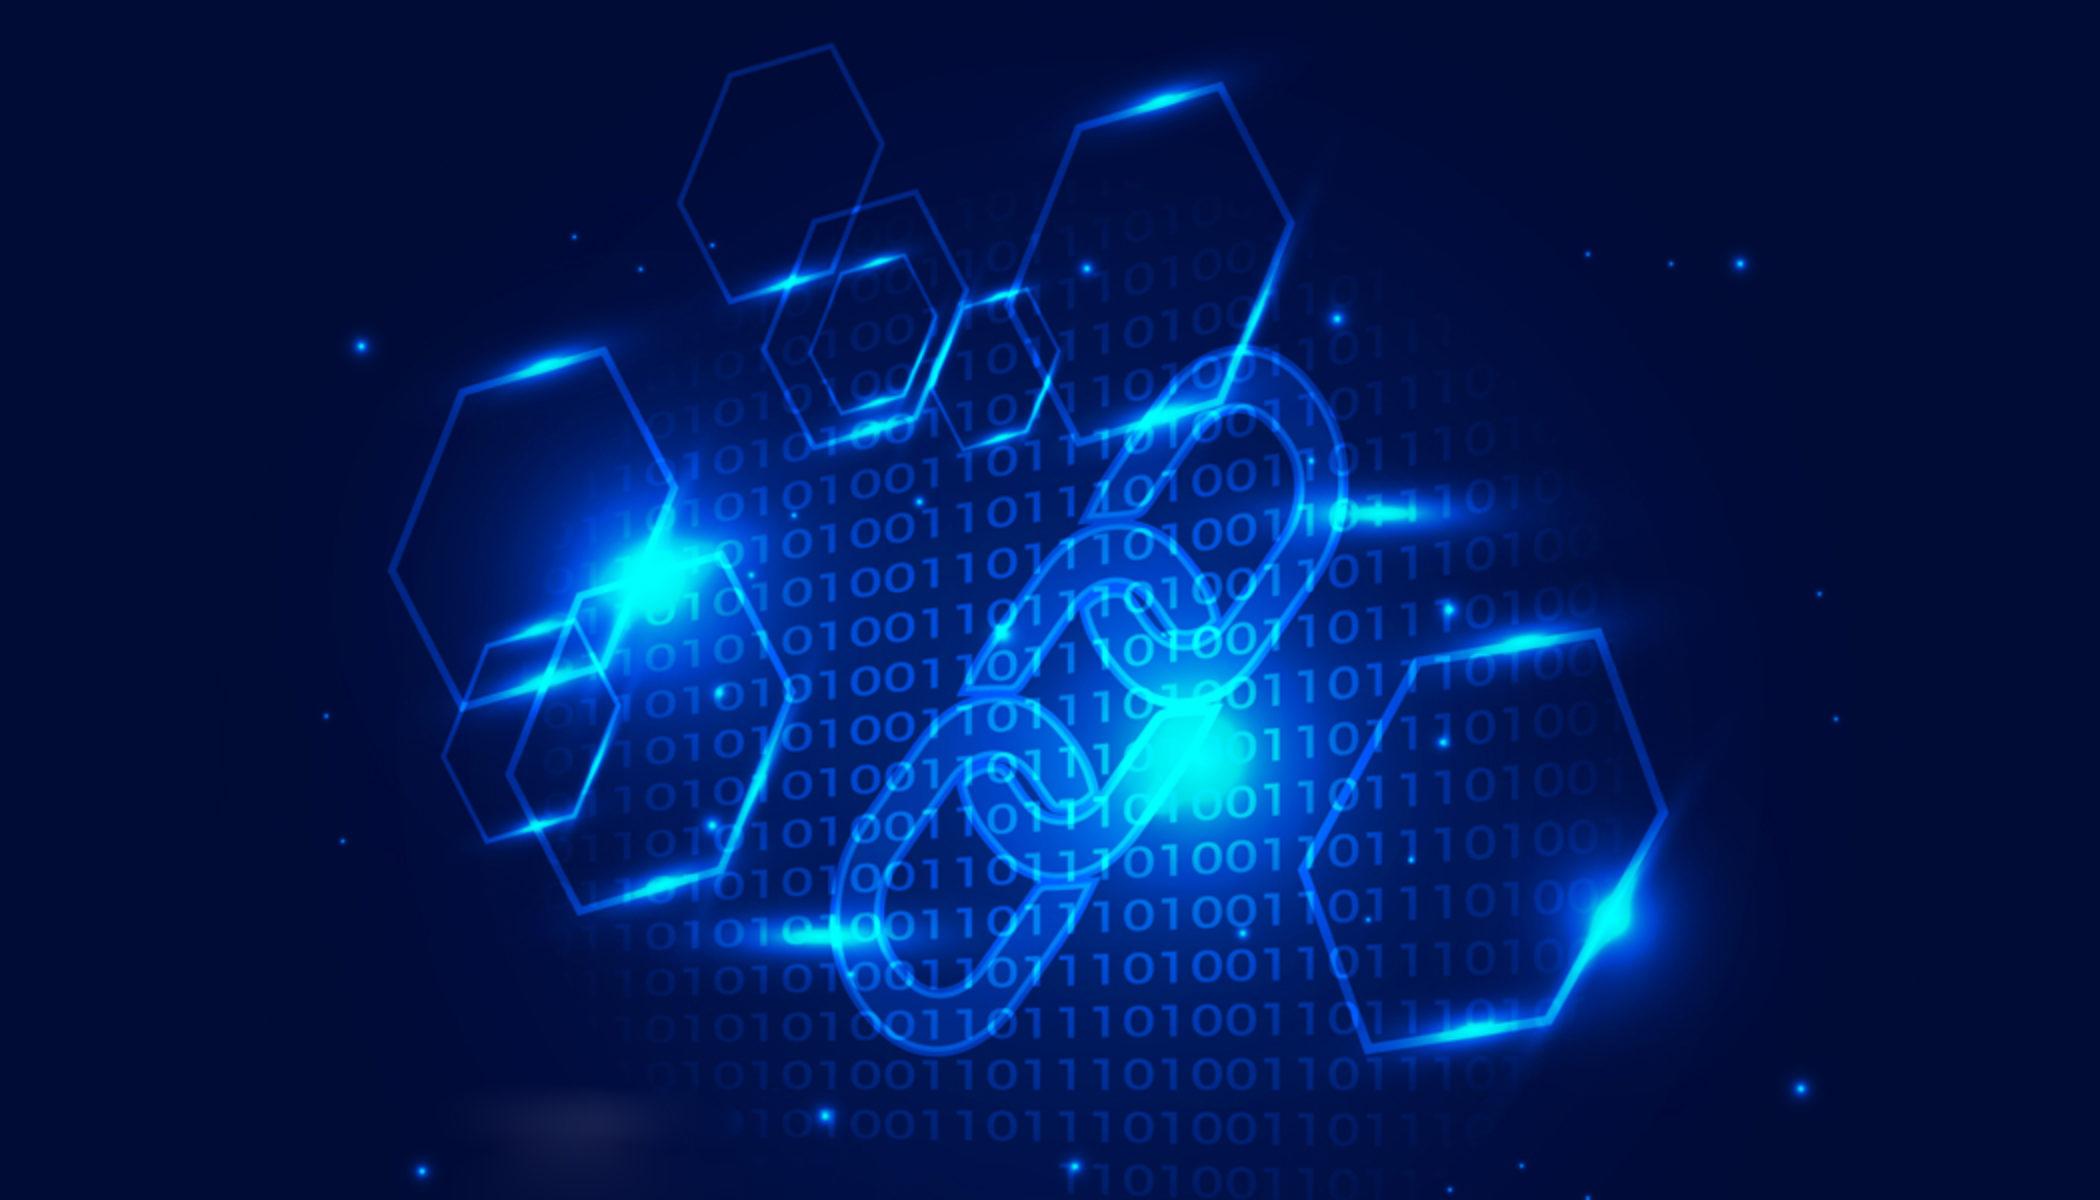 Investigación asegura que los acuerdos de inversión relacionados con tecnología blockchain continúan disminuyendo durante 2020